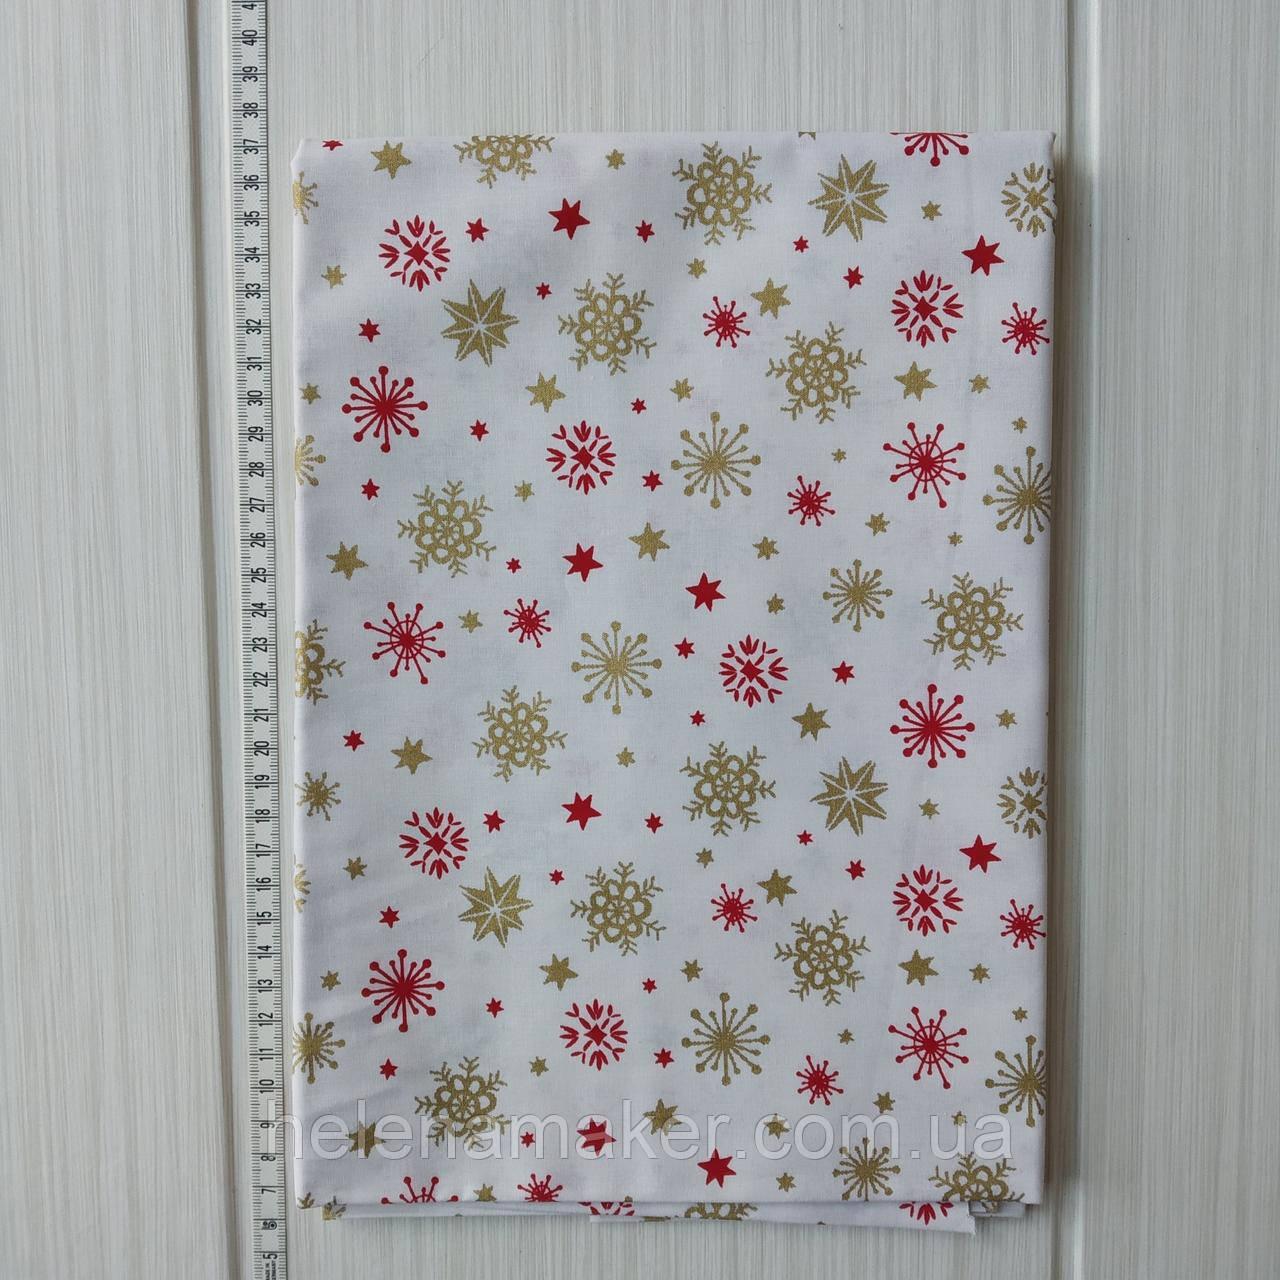 Хлопковая новогодняя ткань Красные и золотые снежинки на белом фоне 40*50 см